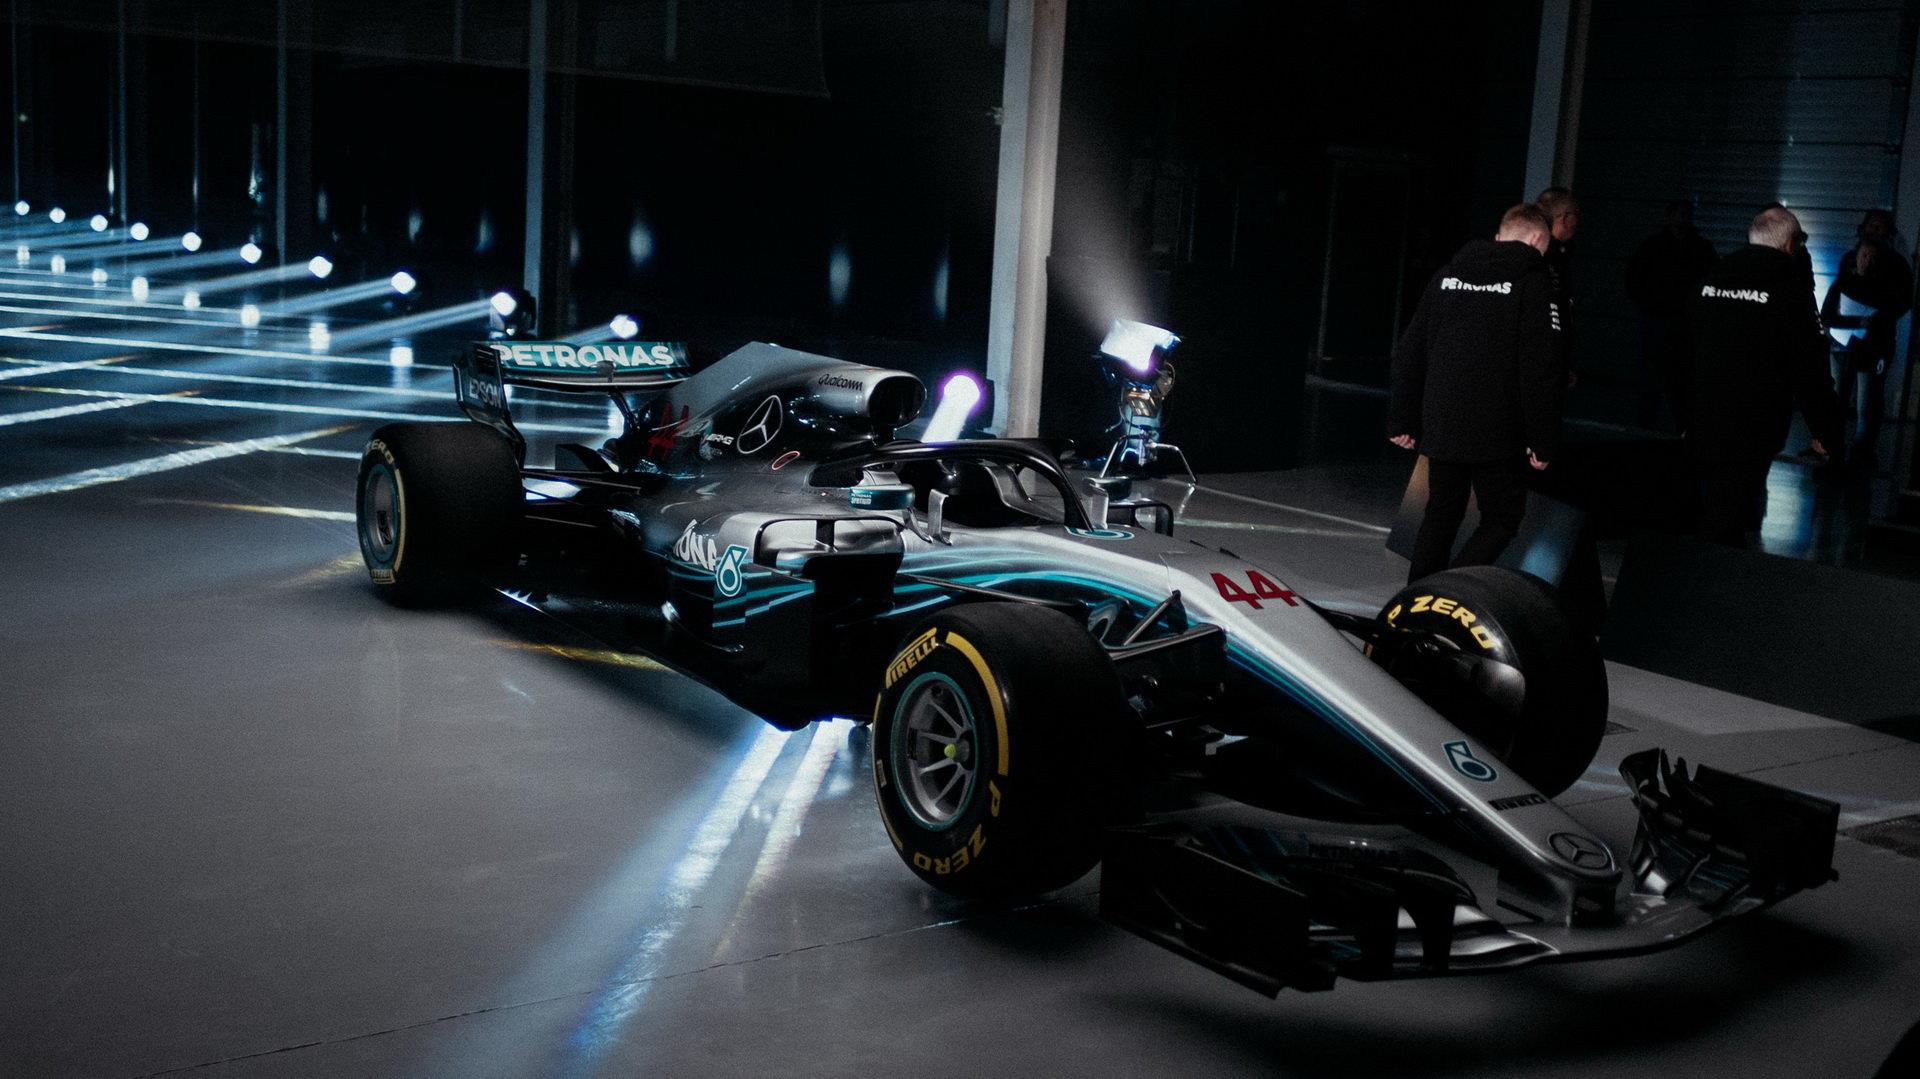 Představení nového vozu Mercedes F1 W09 EQ Power+